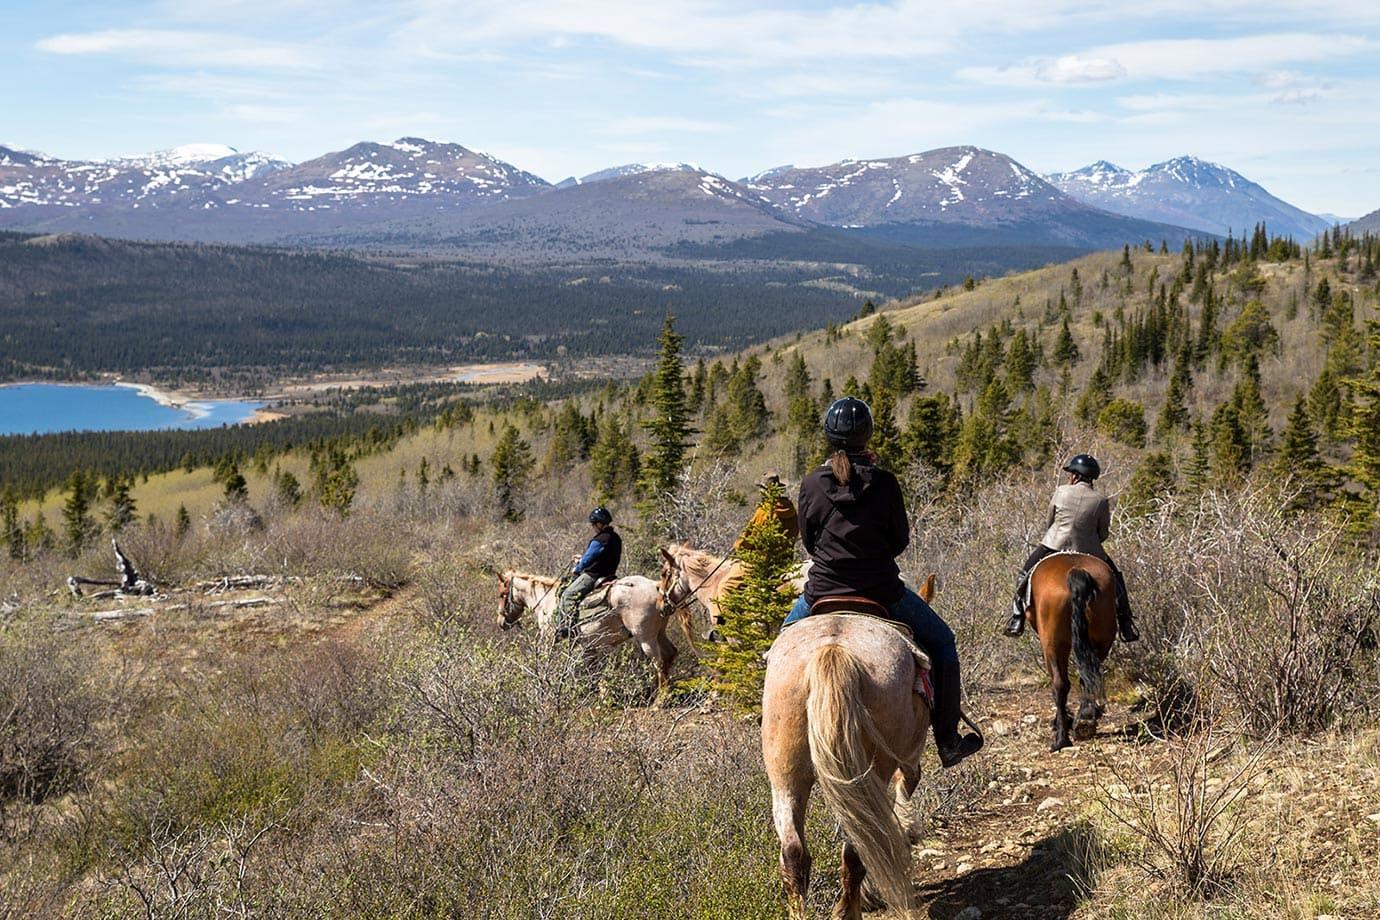 Horse riding at Fish Lake